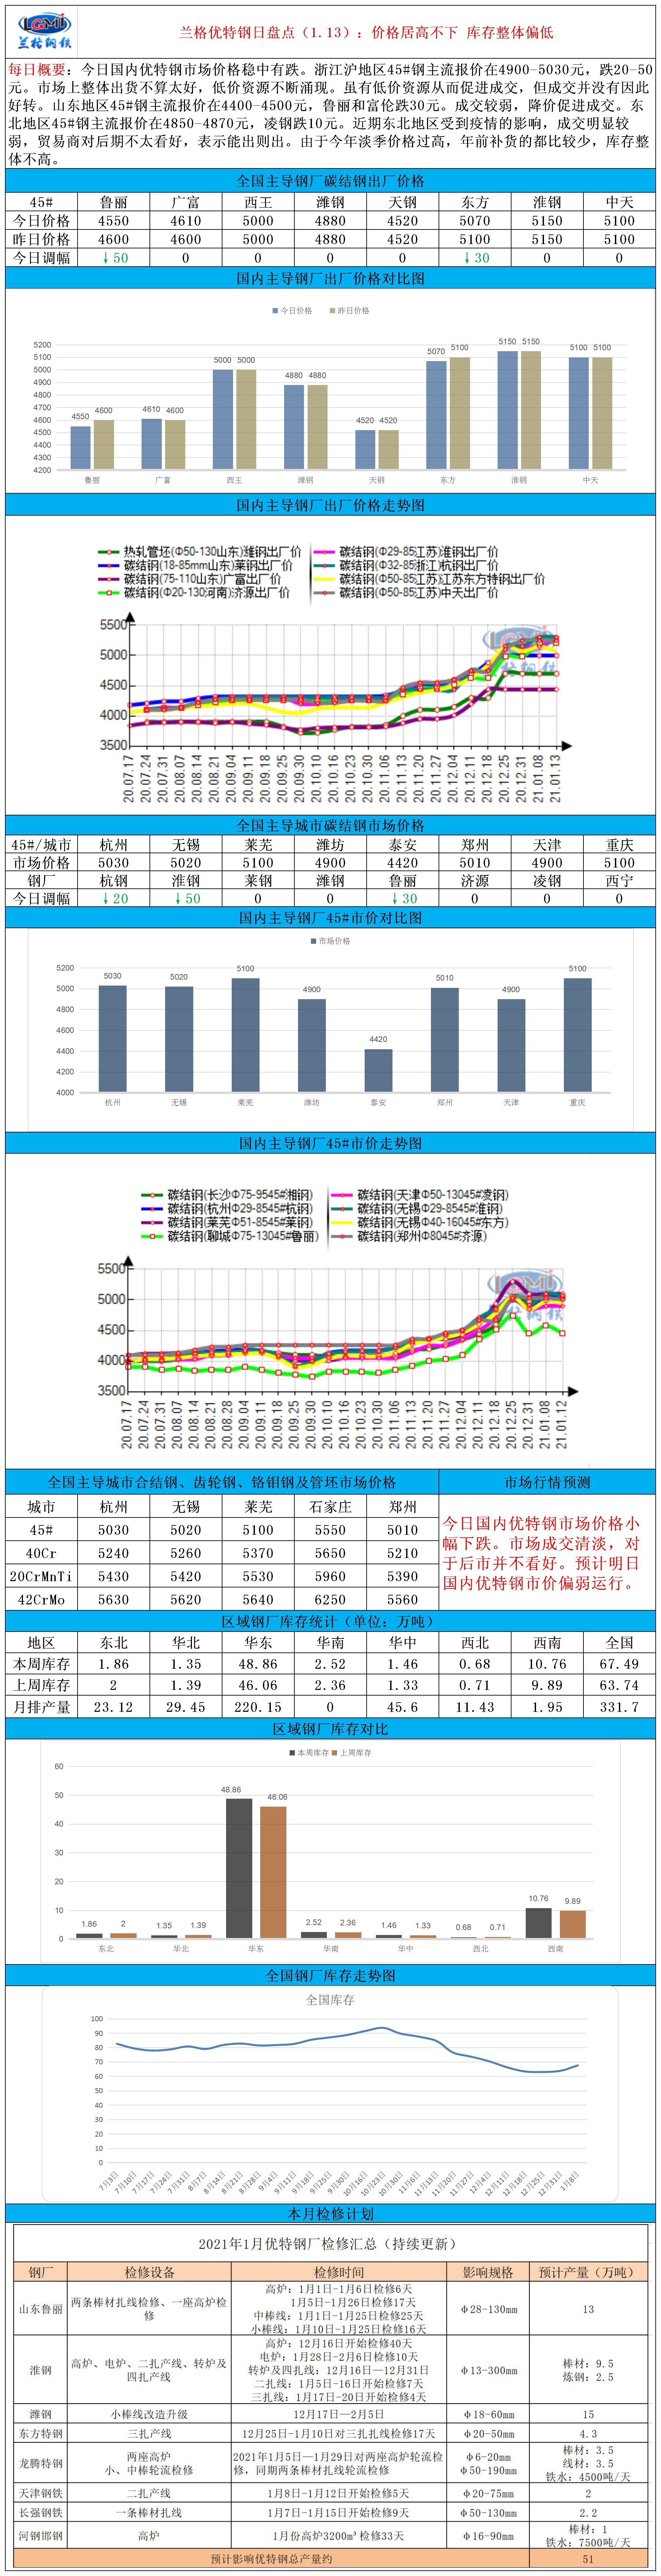 兰格优特钢日盘点(1.13):价格居高不下 库存整体偏低